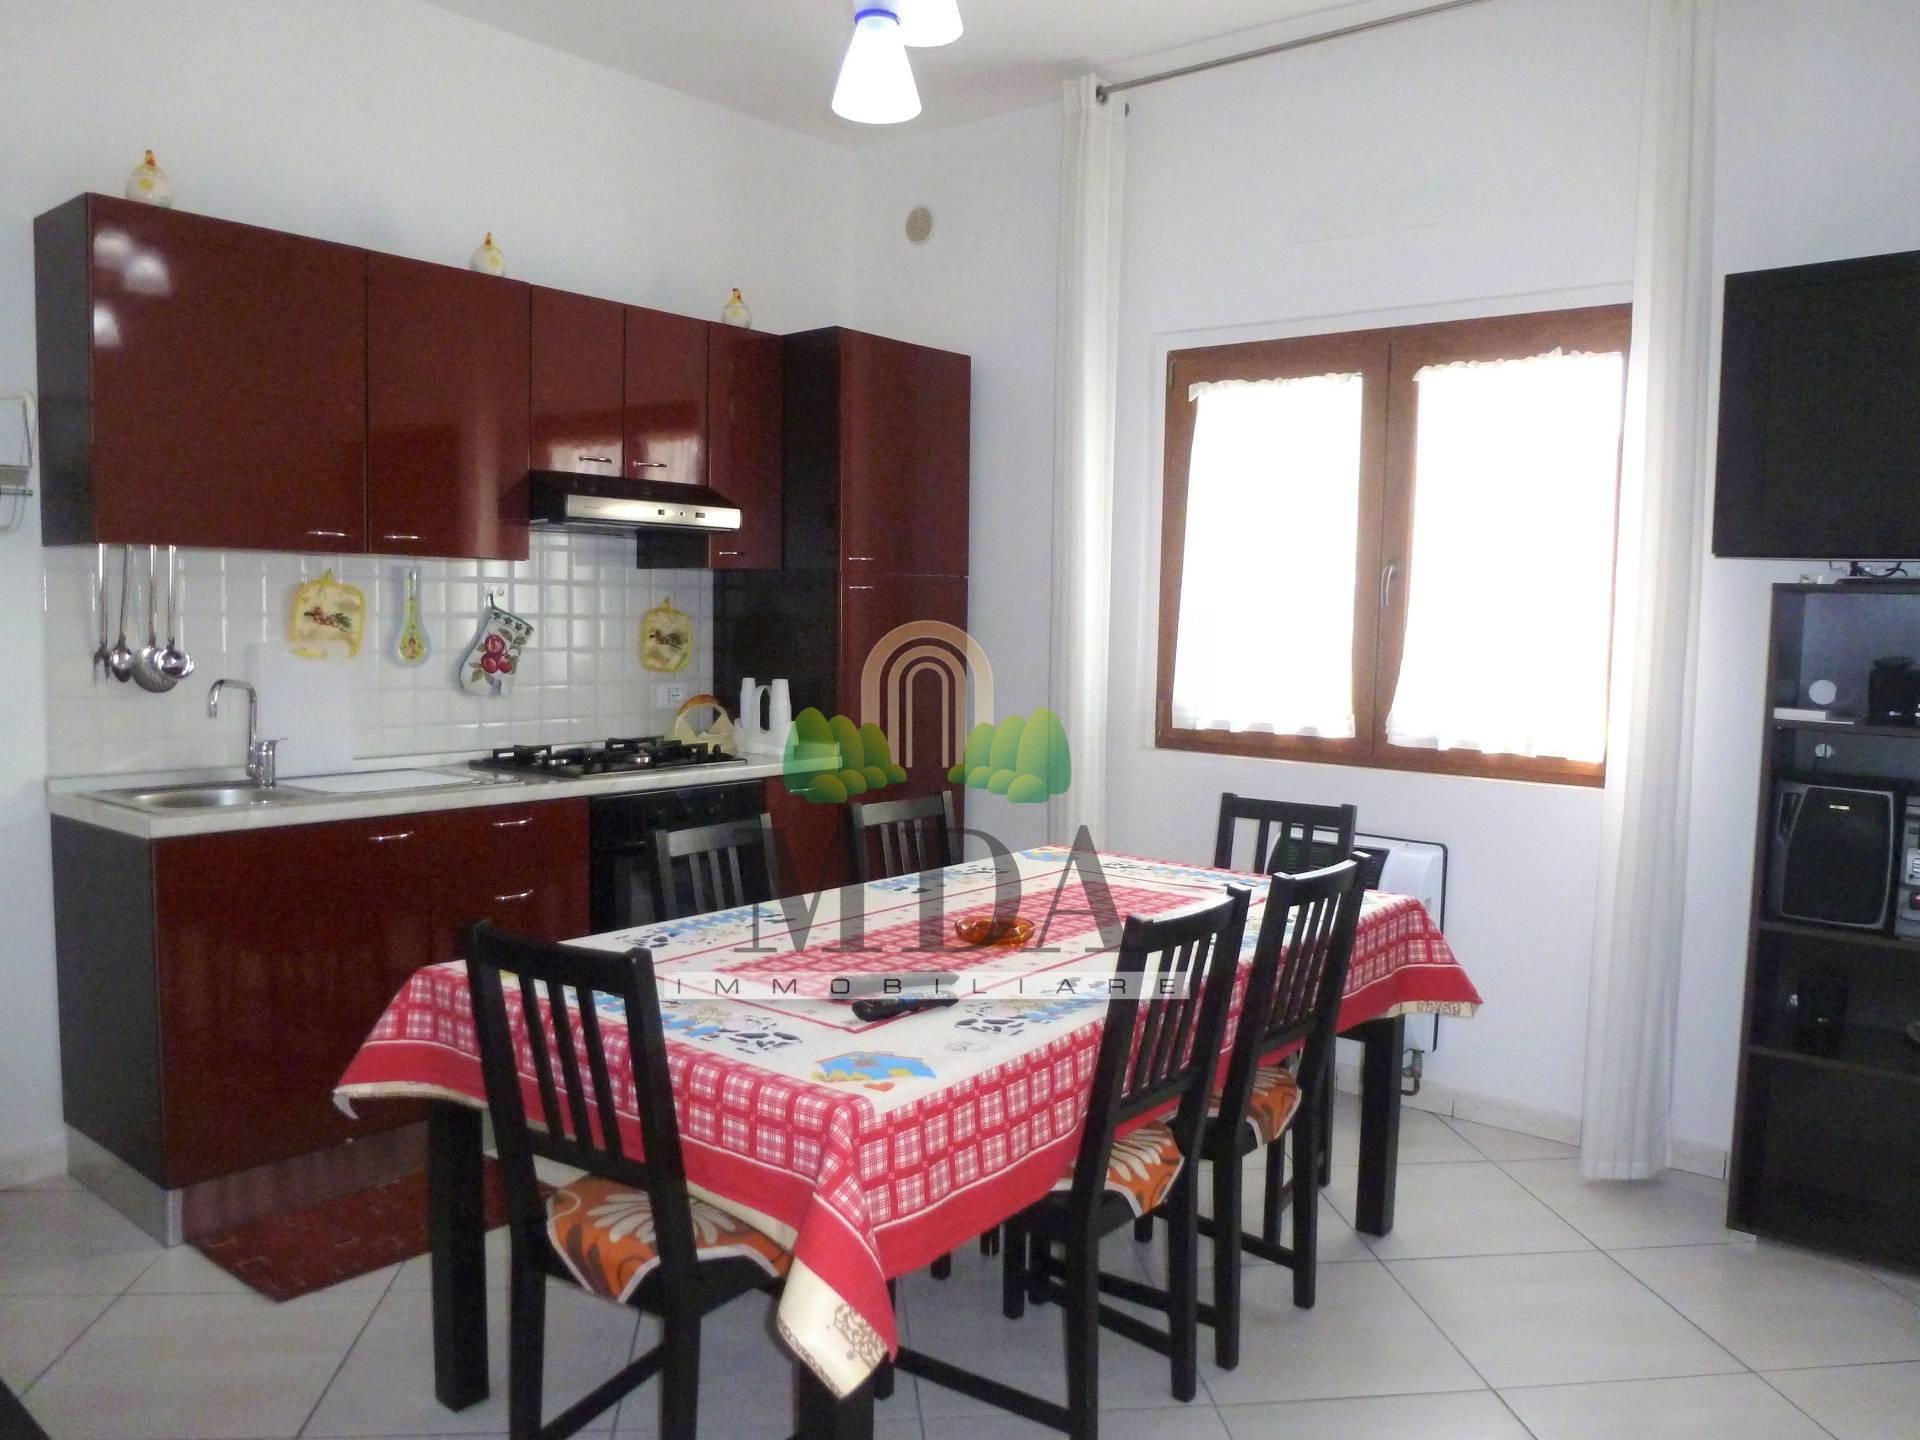 Appartamento in vendita a Controguerra, 3 locali, prezzo € 74.000 | PortaleAgenzieImmobiliari.it